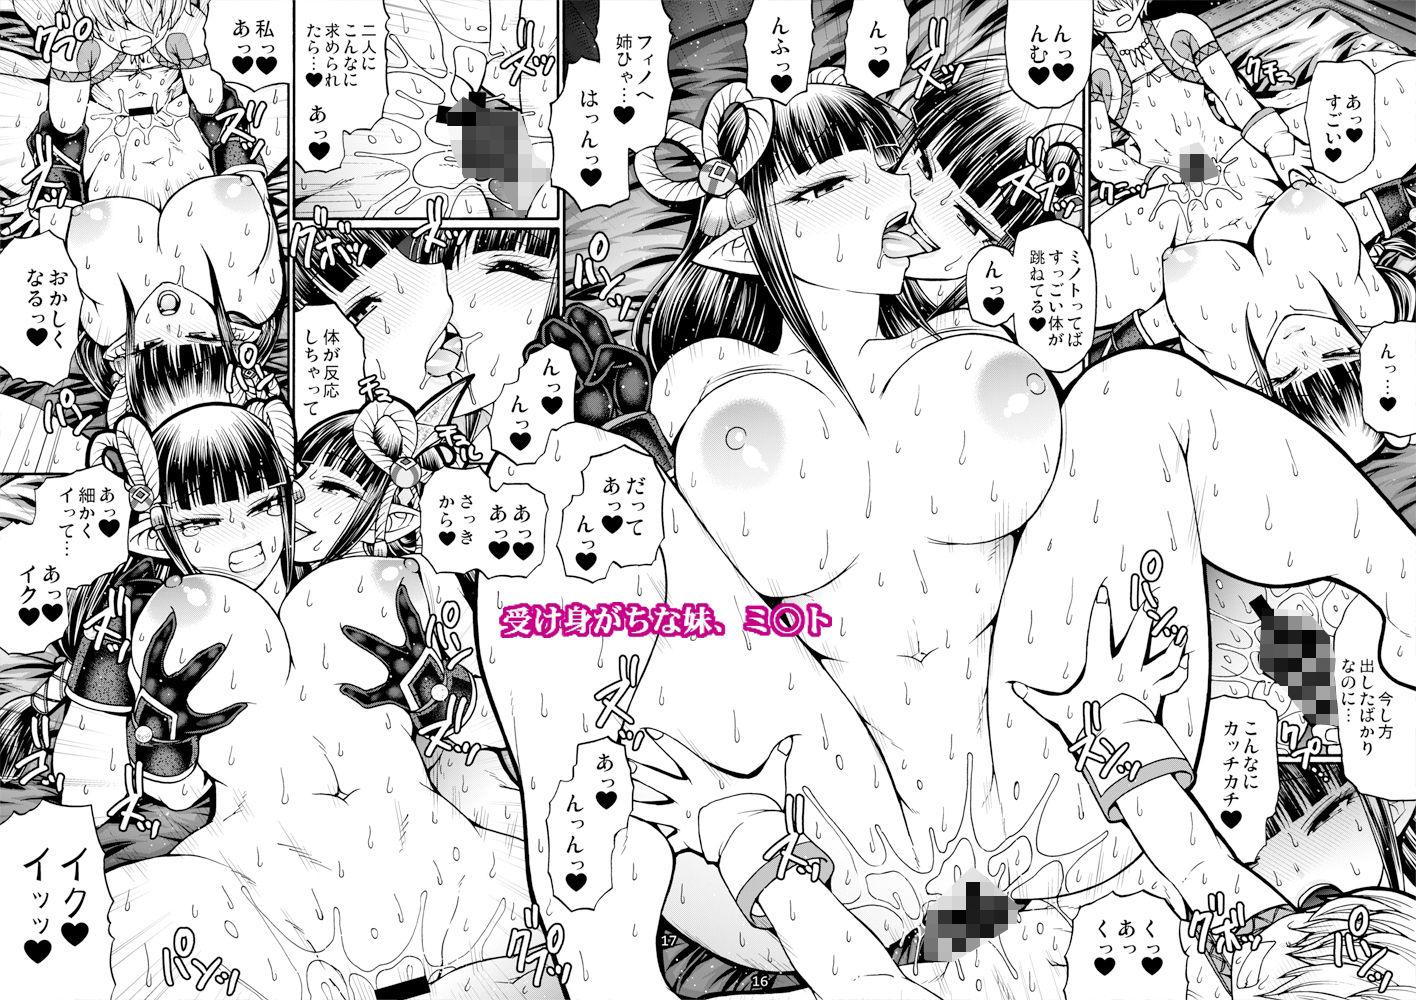 竜のまじない【同人エロ漫画】(celluloid acme)3